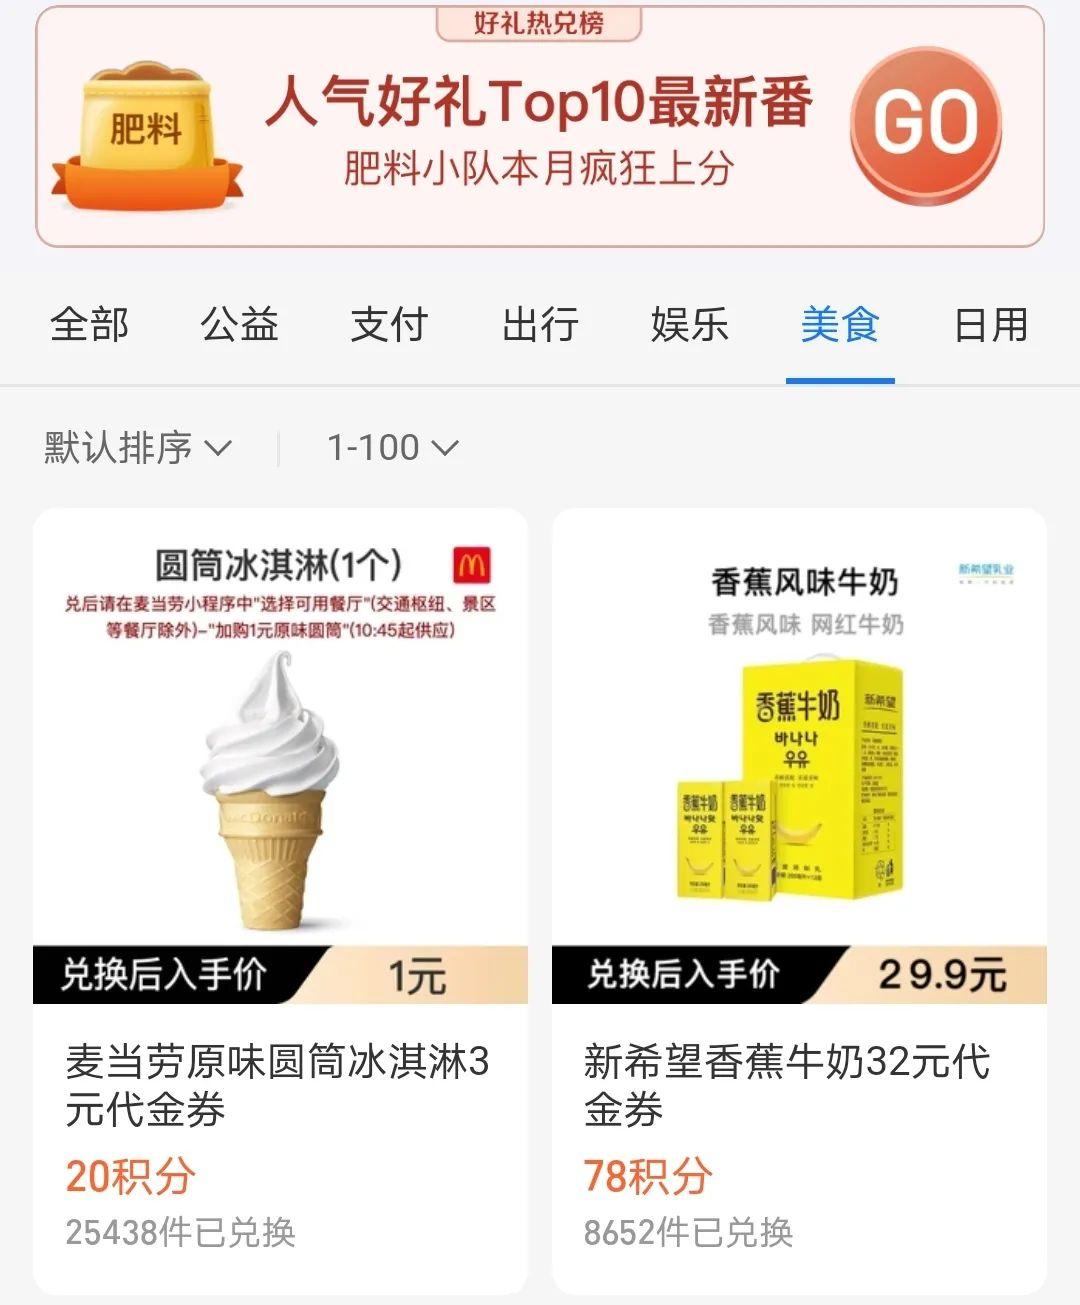 免费领麦当劳甜筒冰淇淋券!